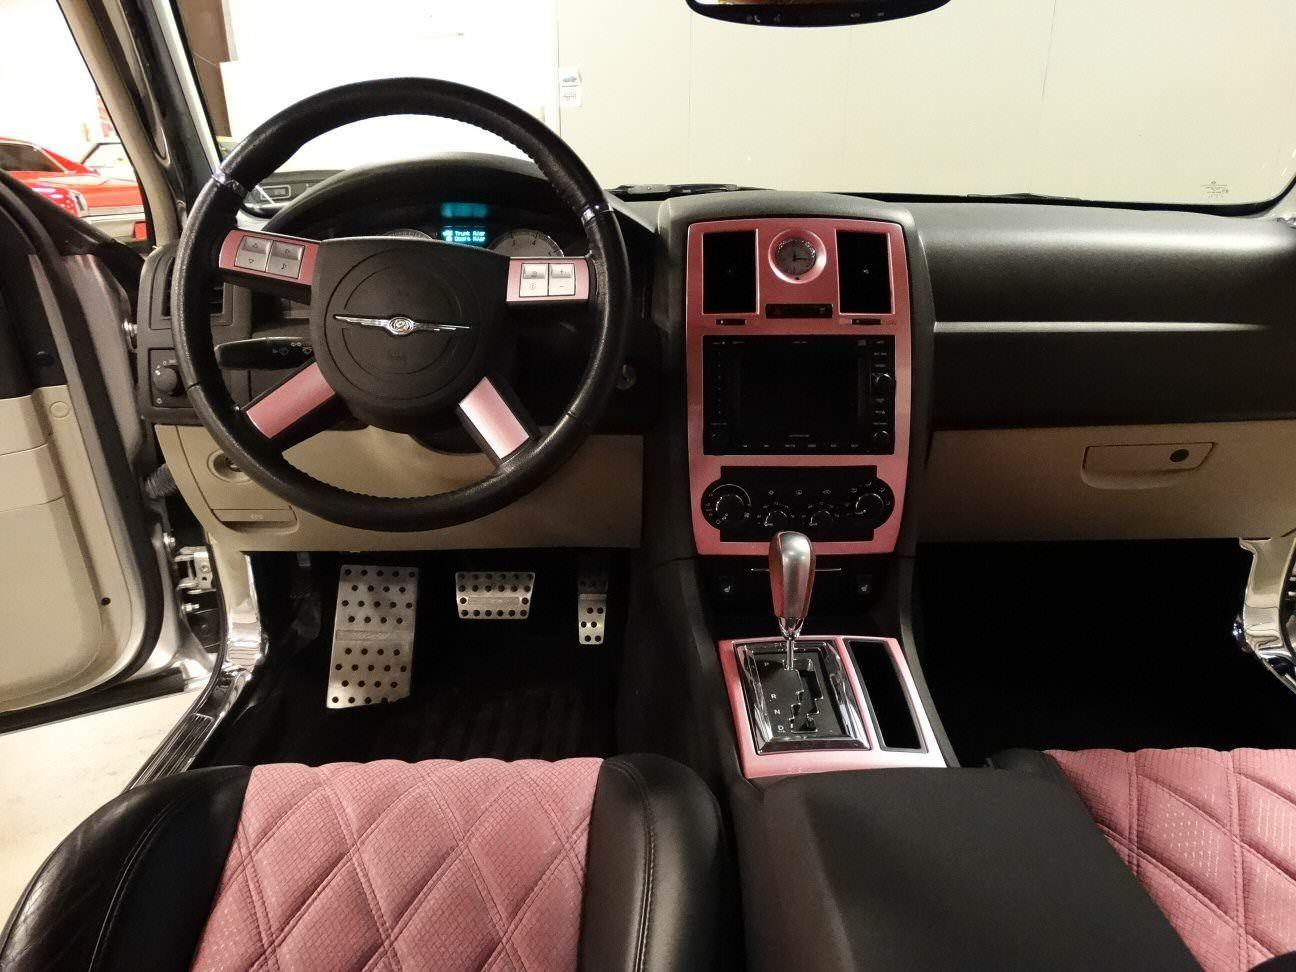 Http Www Gatewayclassiccars Com Louisville 2006 Chrysler 300c